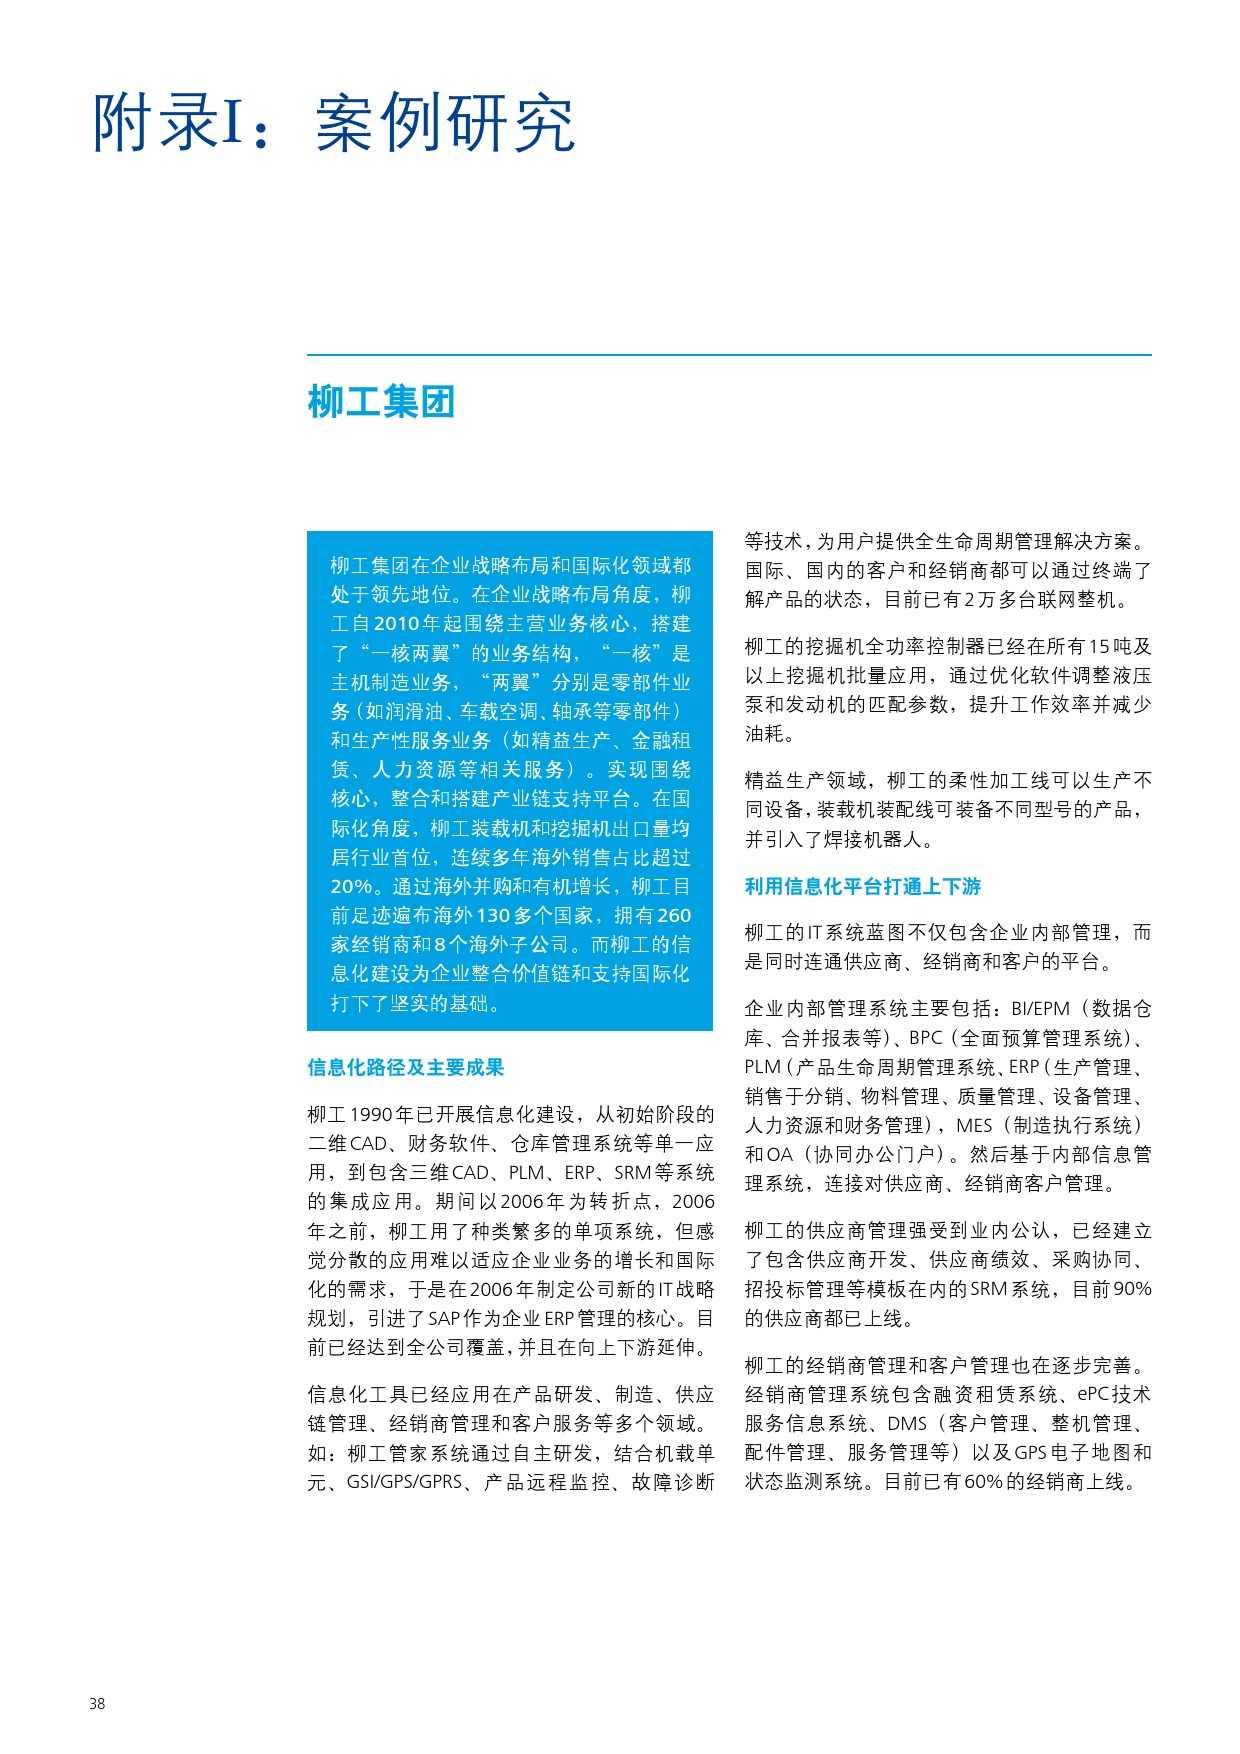 2015年中国制造业企业信息化调查_000040